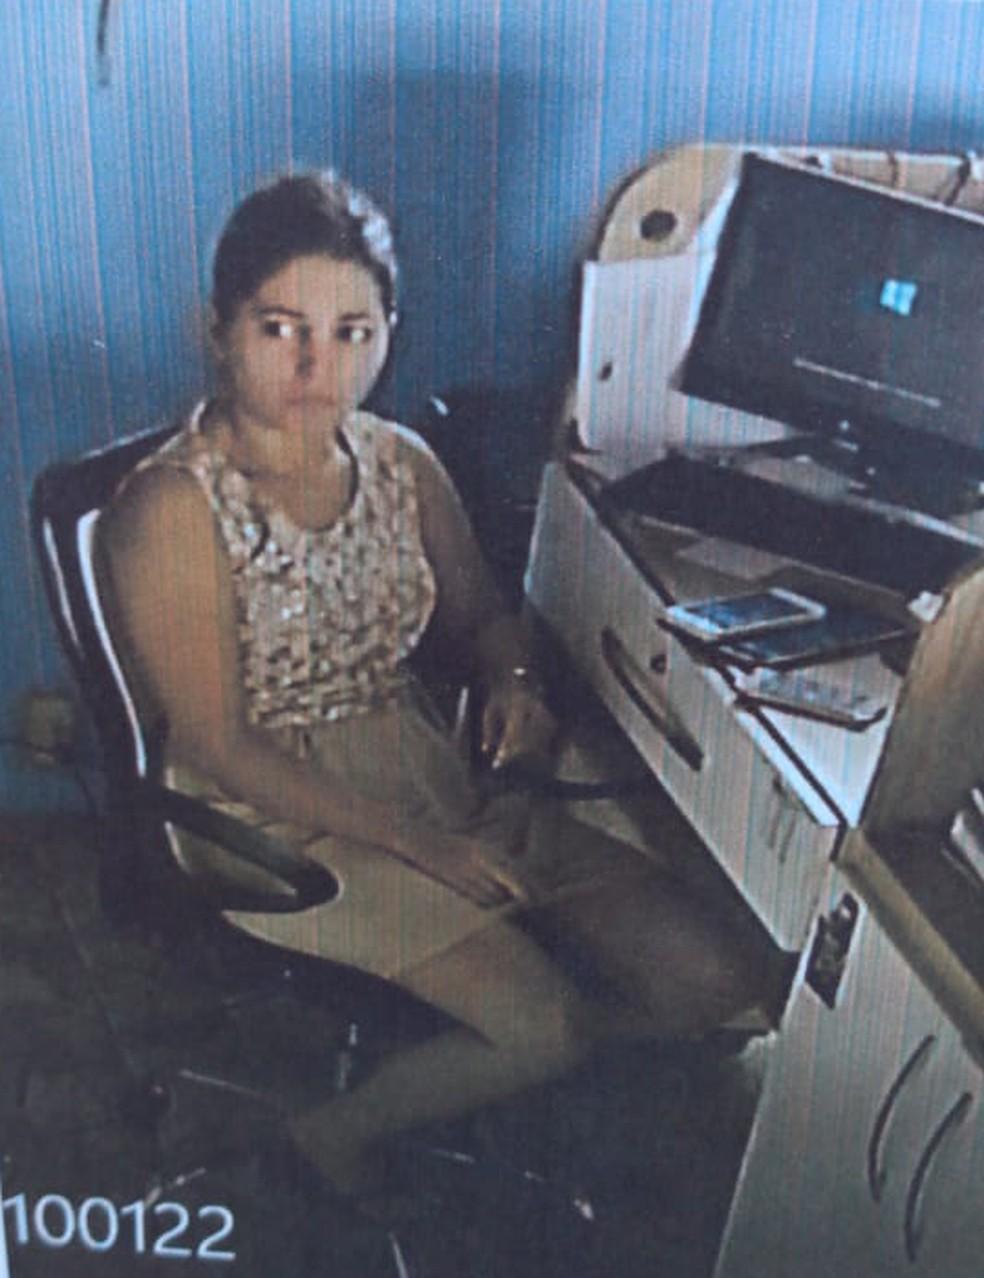 """""""Nas imagens que vimos, ela tava sentada, olhava pro computador, pra um papel nas mãos e chorava bastante. Chorava muito"""", disse o irmão de Naiara. — Foto: Reprodução"""